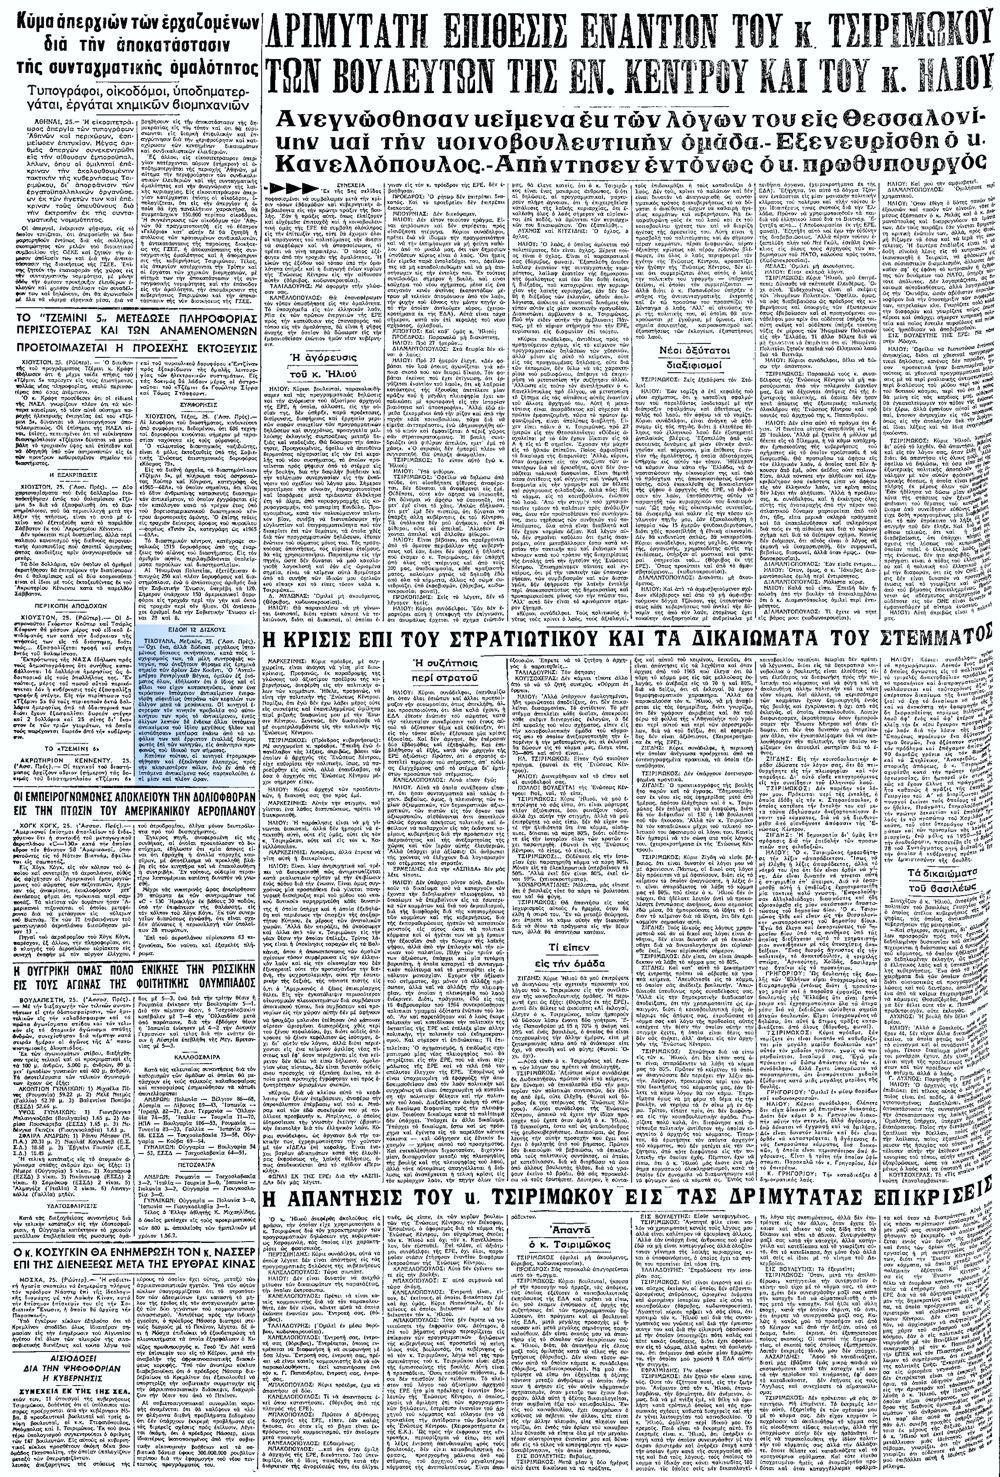 """Το άρθρο, όπως δημοσιεύθηκε στην εφημερίδα """"ΜΑΚΕΔΟΝΙΑ"""", στις 26/08/1965"""